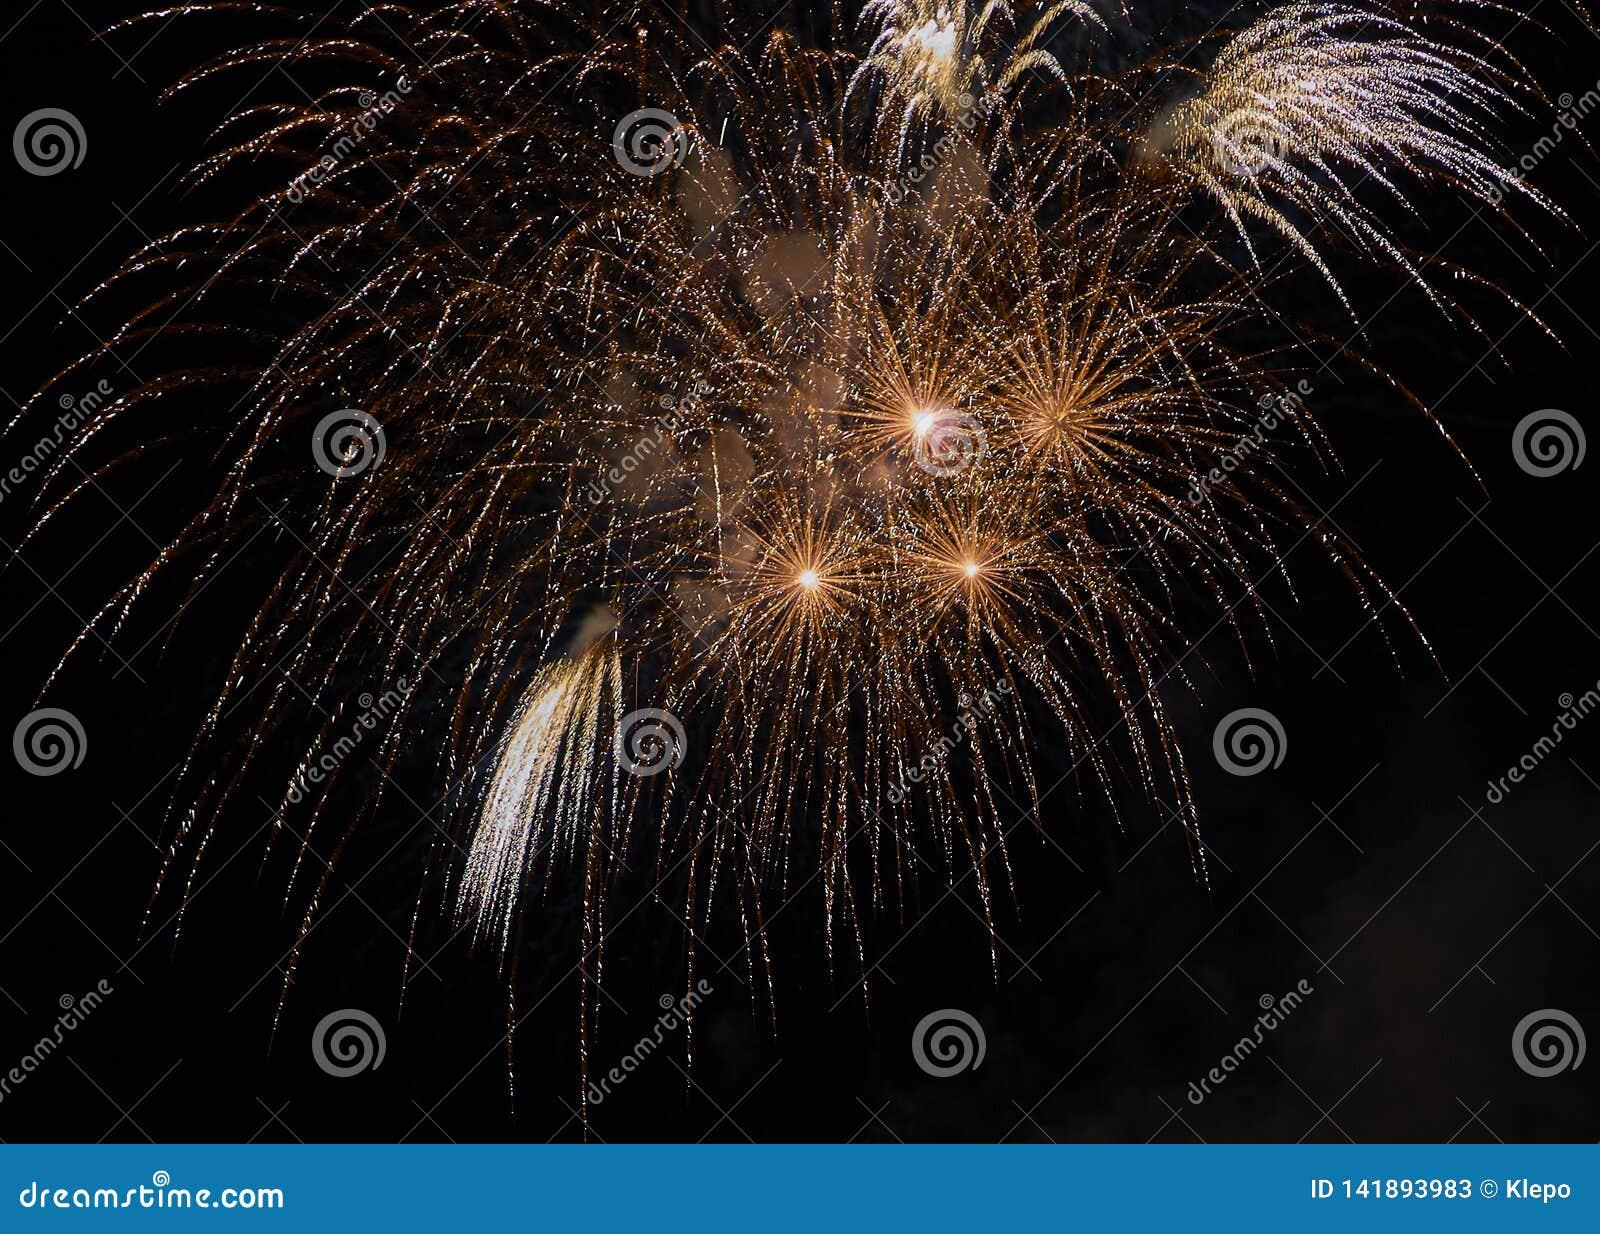 Świętowanie z fajerwerkami w ciemnym niebie